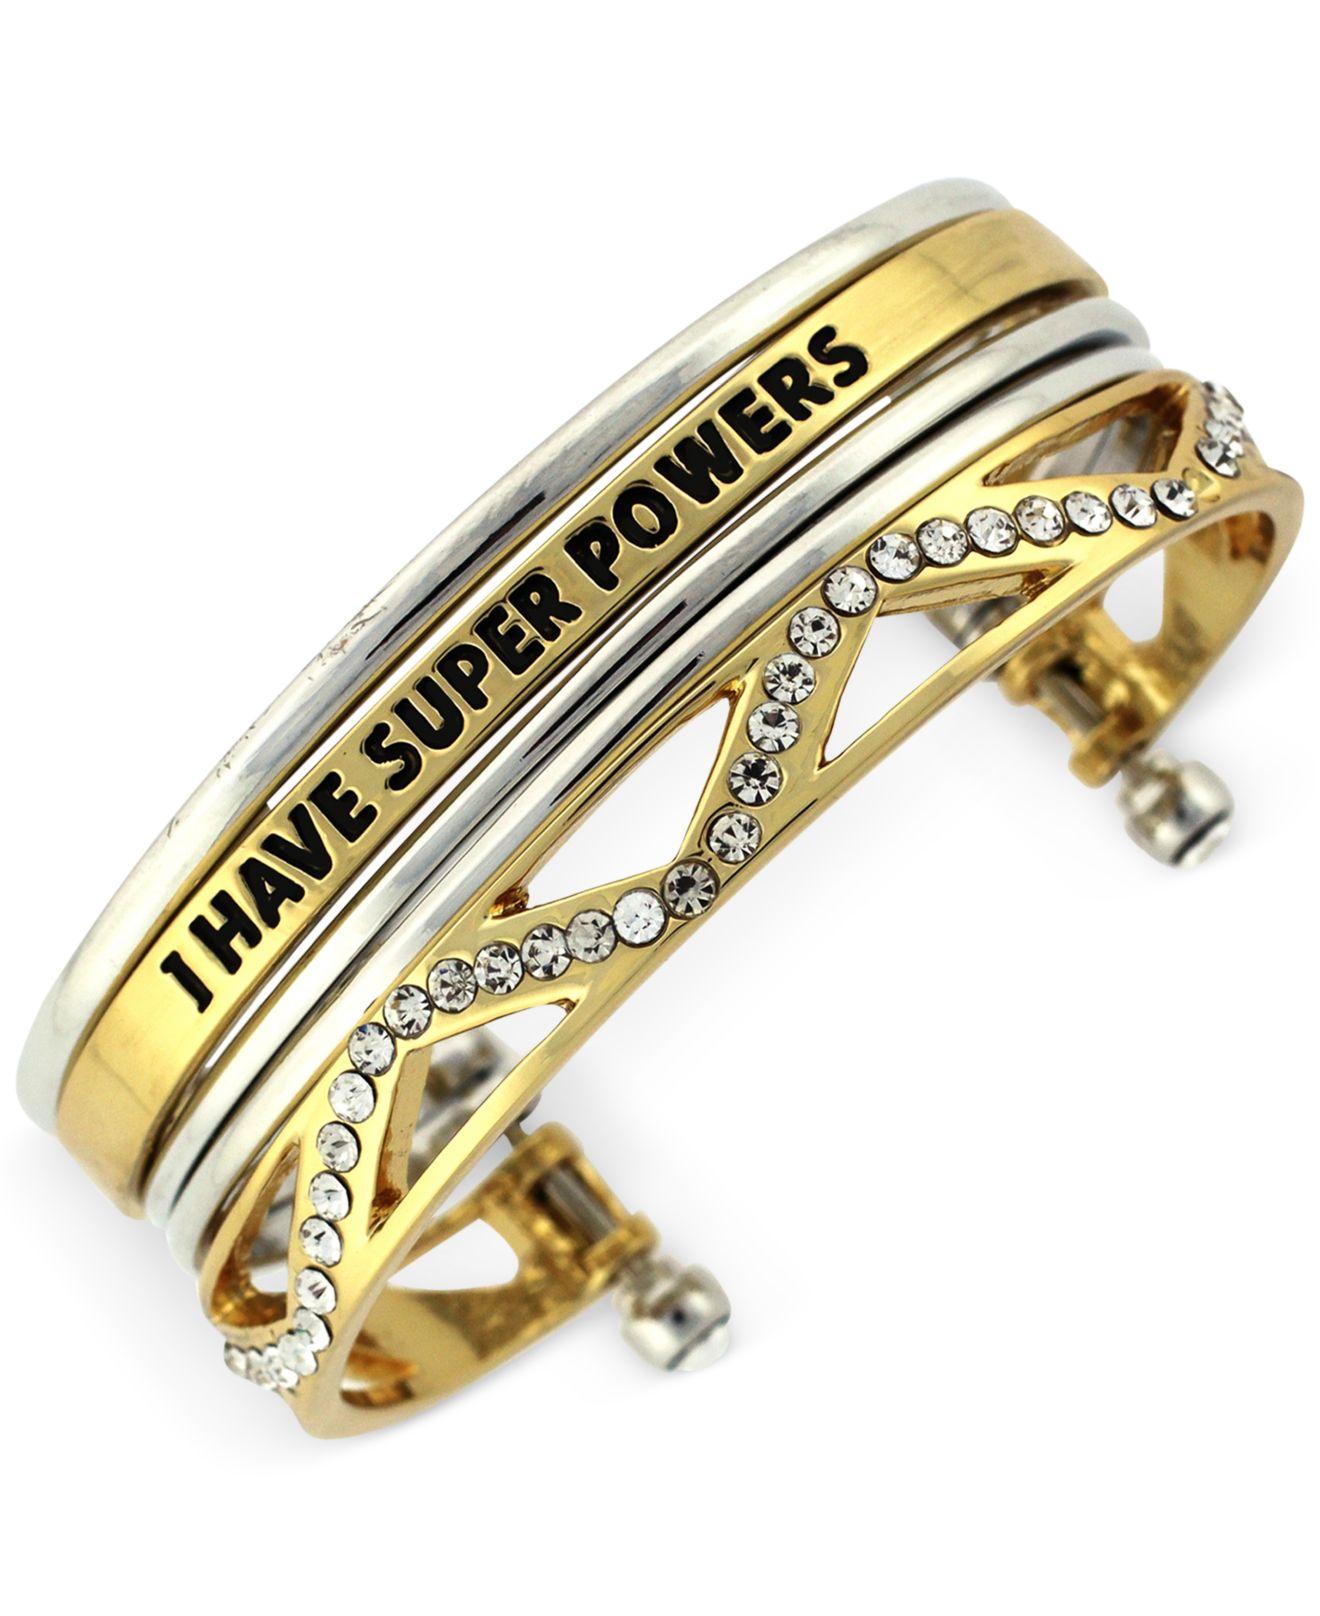 Brass Body Powers